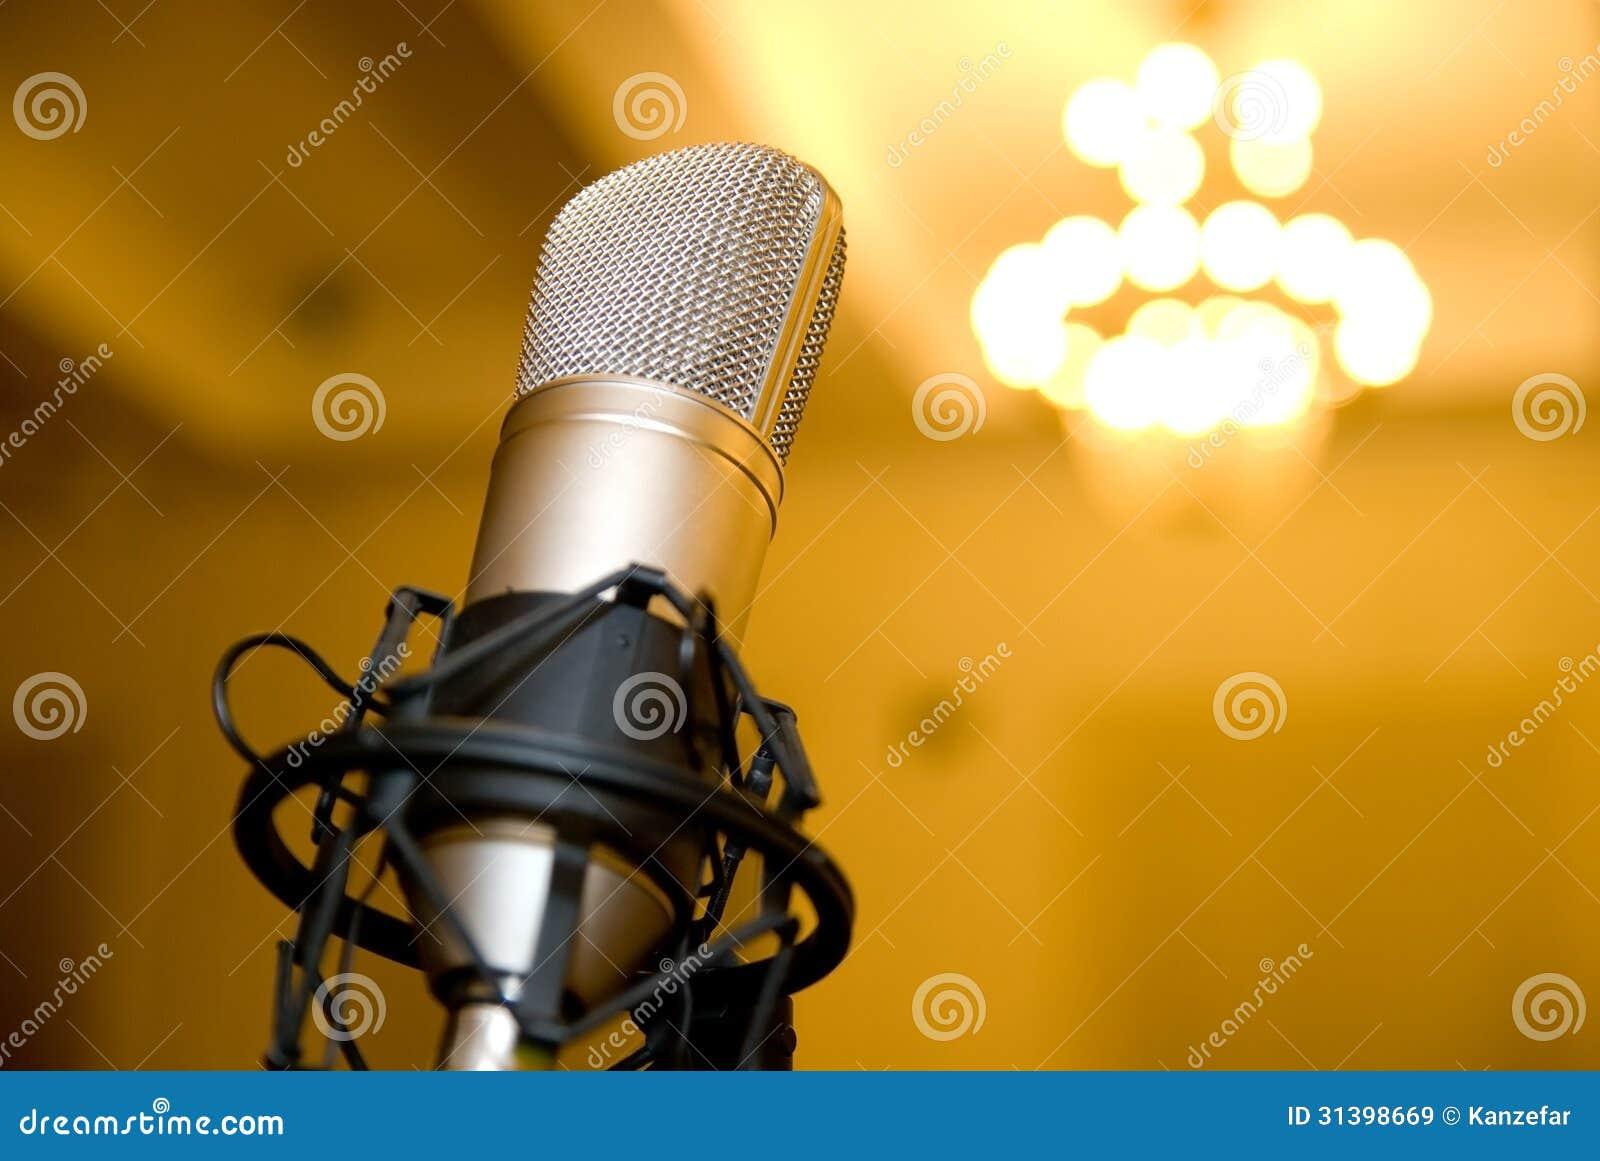 Mikrofon w sala konferencyjnej.